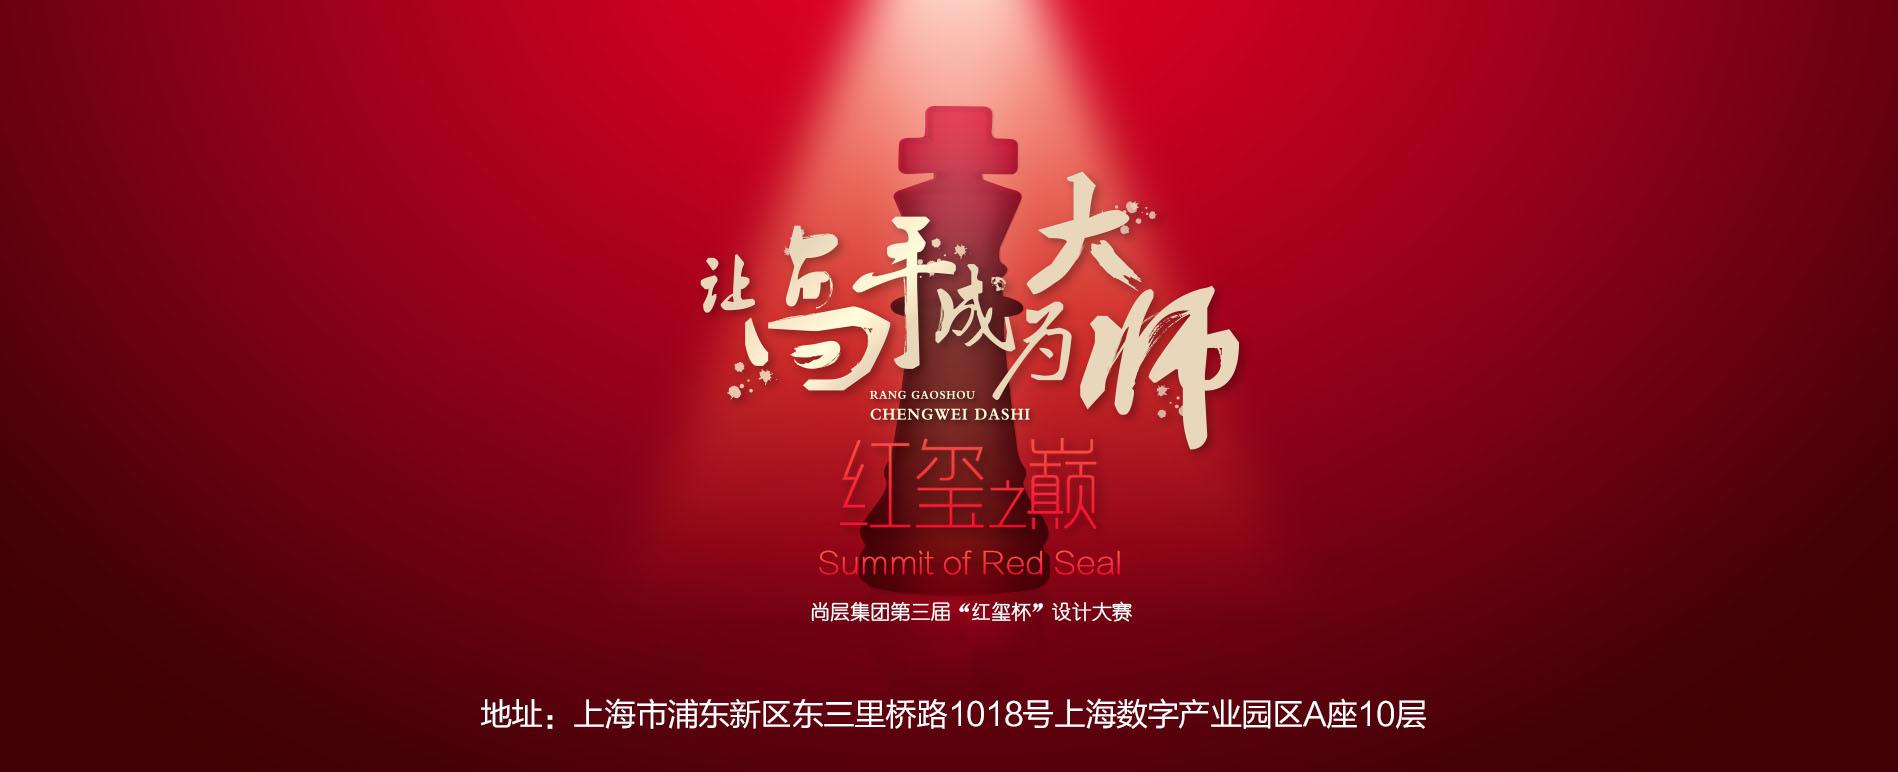 2017上海红玺之巅作品展